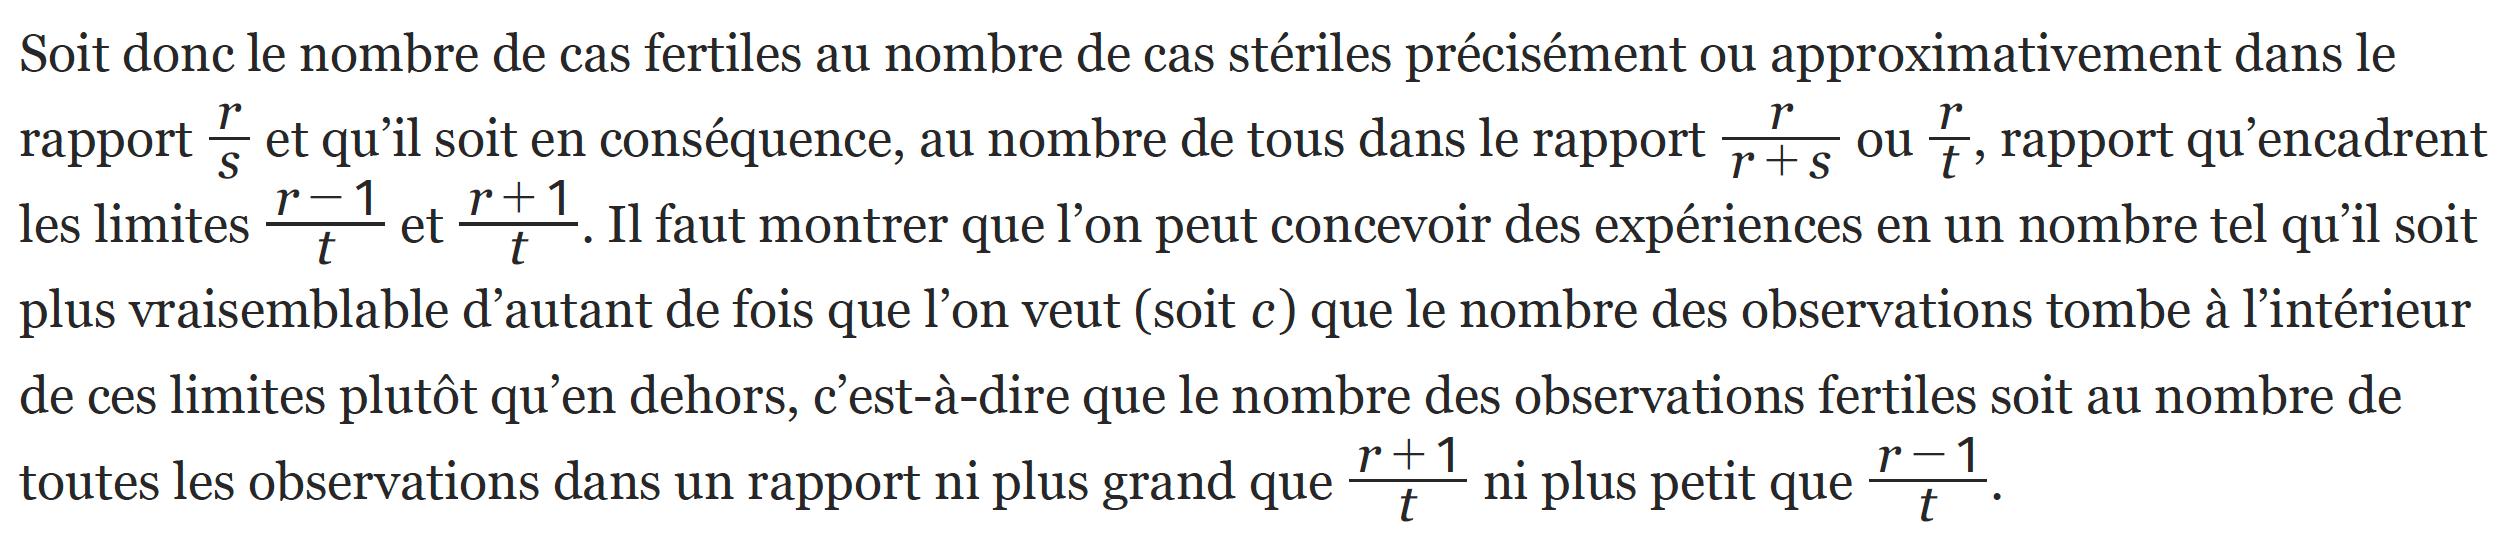 math spécialité - activité - histoire des mathématiques - Deux inégalités pour la loi des grands nombres - Jacques Bernoulli, Ars Conjectandi, 4e partie, traduction du Latin par Norbert Meunier.